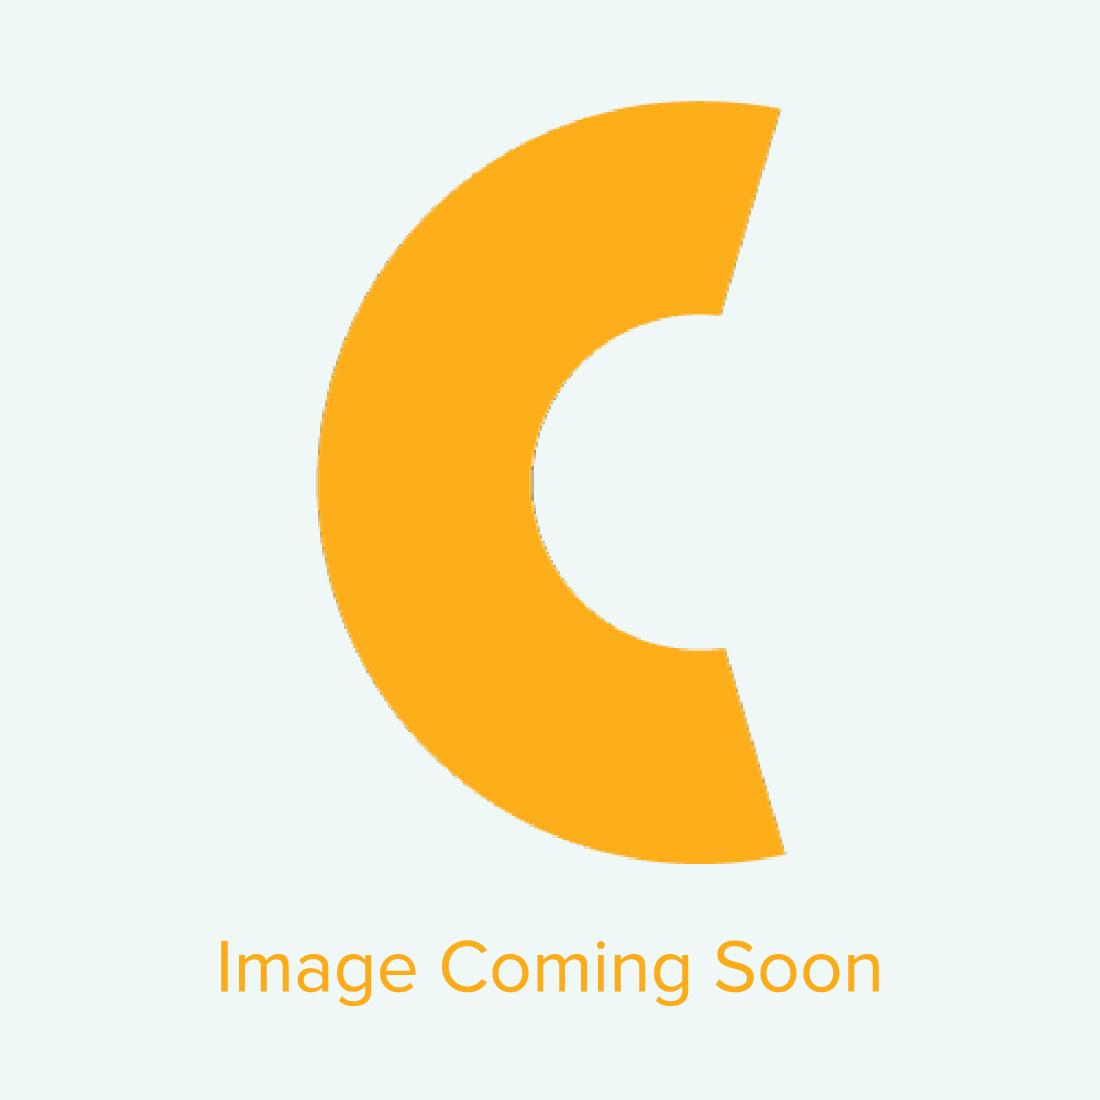 """Premier Ceramic Sublimation Tile - 1.75"""" x 1.75"""" - 42/case"""